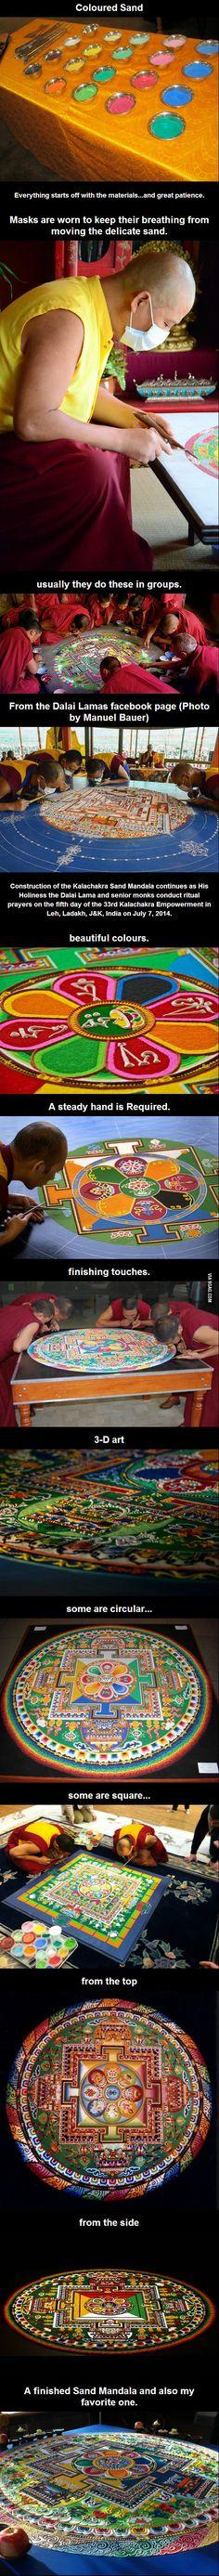 Sand Mandala creation. amazing